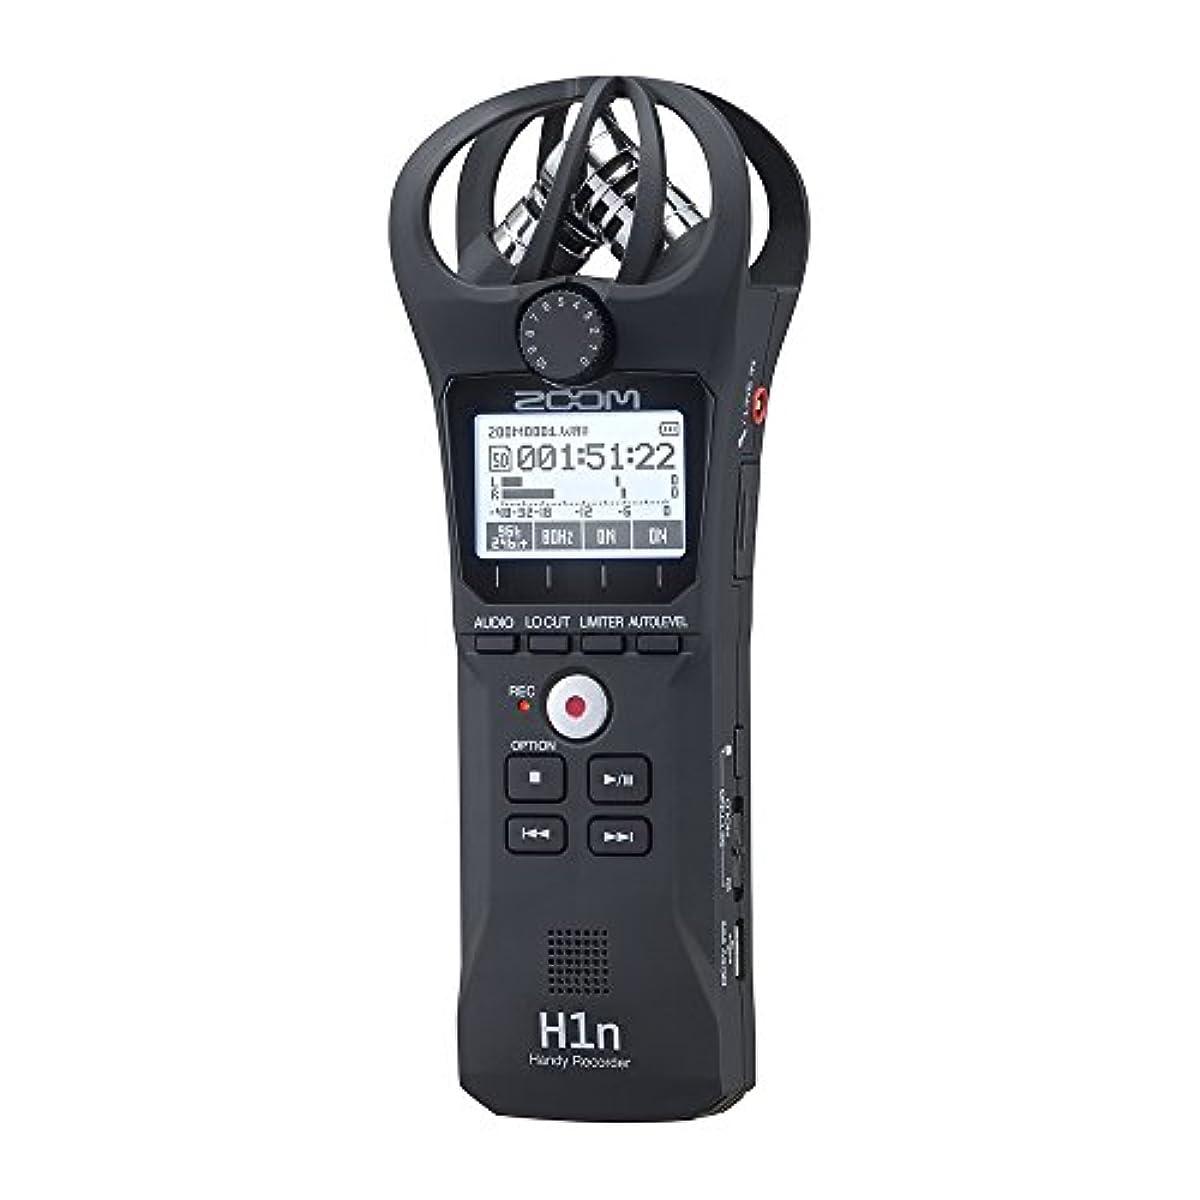 [해외] ZOOM 줌 핸디 레코더 블랙 90°XY방식의 스테레오 마이크 탑재 고음질 녹음 손바닥 사이즈 콤팩트 H1N